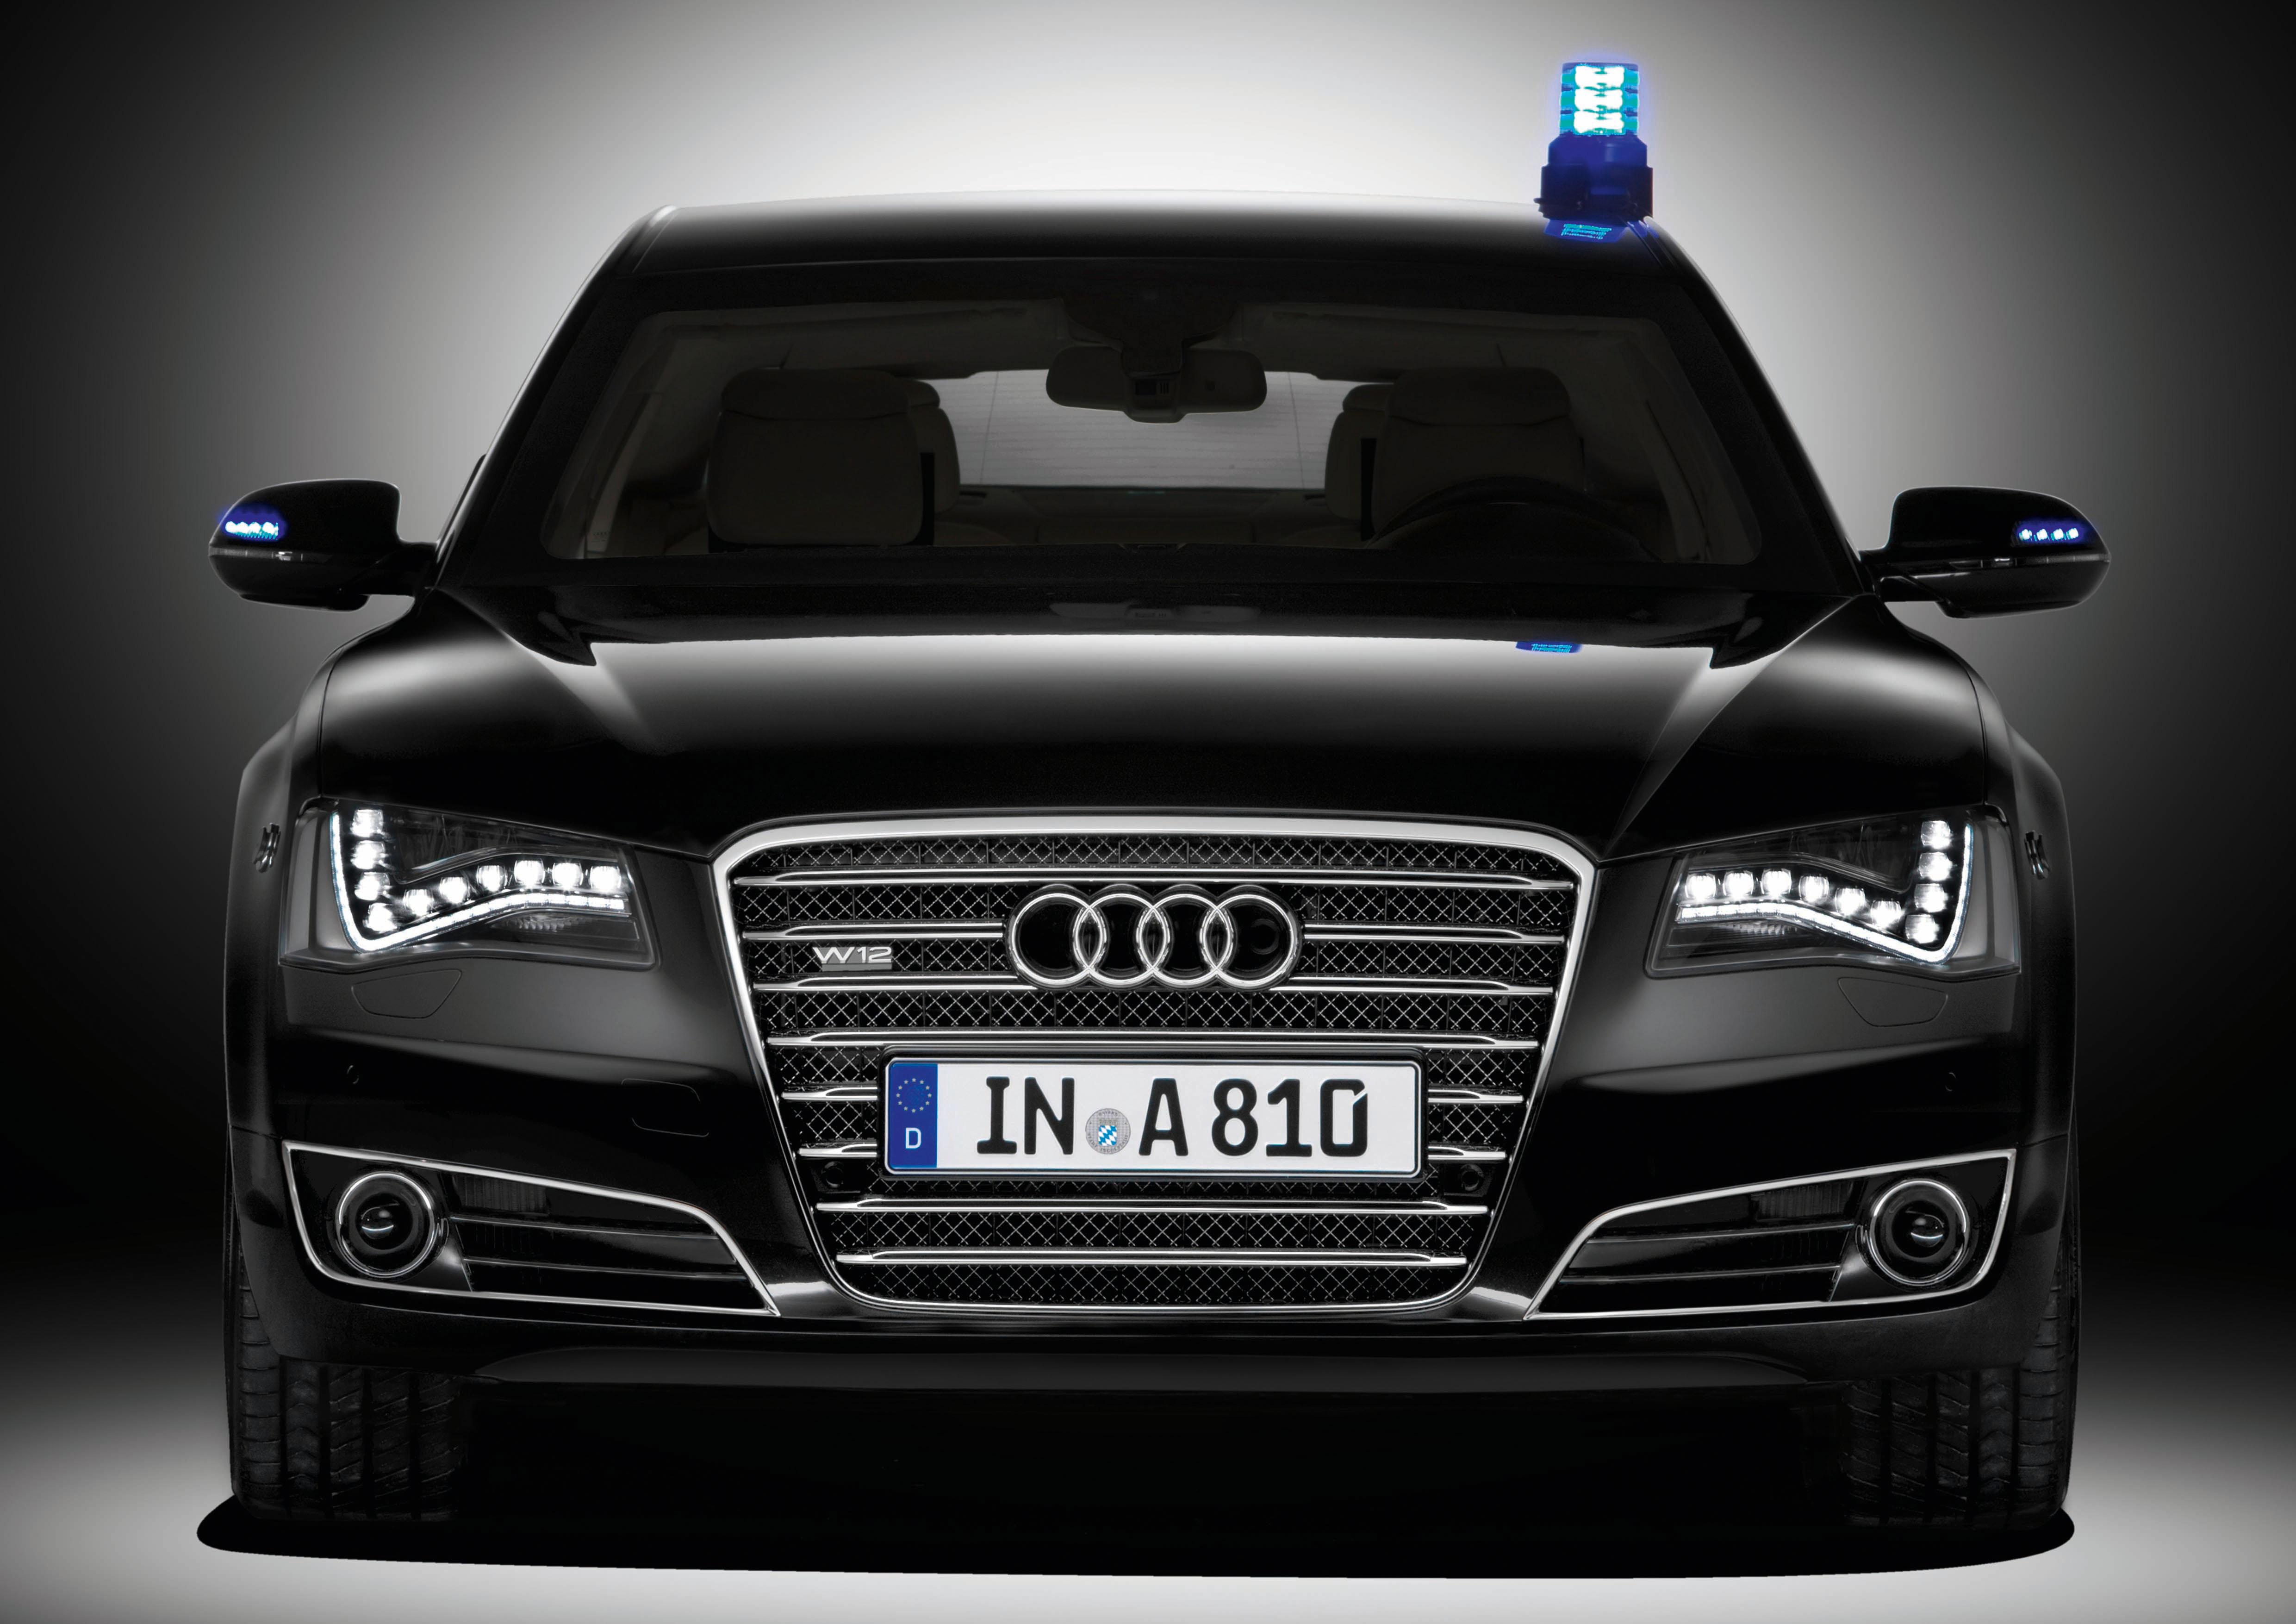 Audi A8 L Security/Standaufnahme